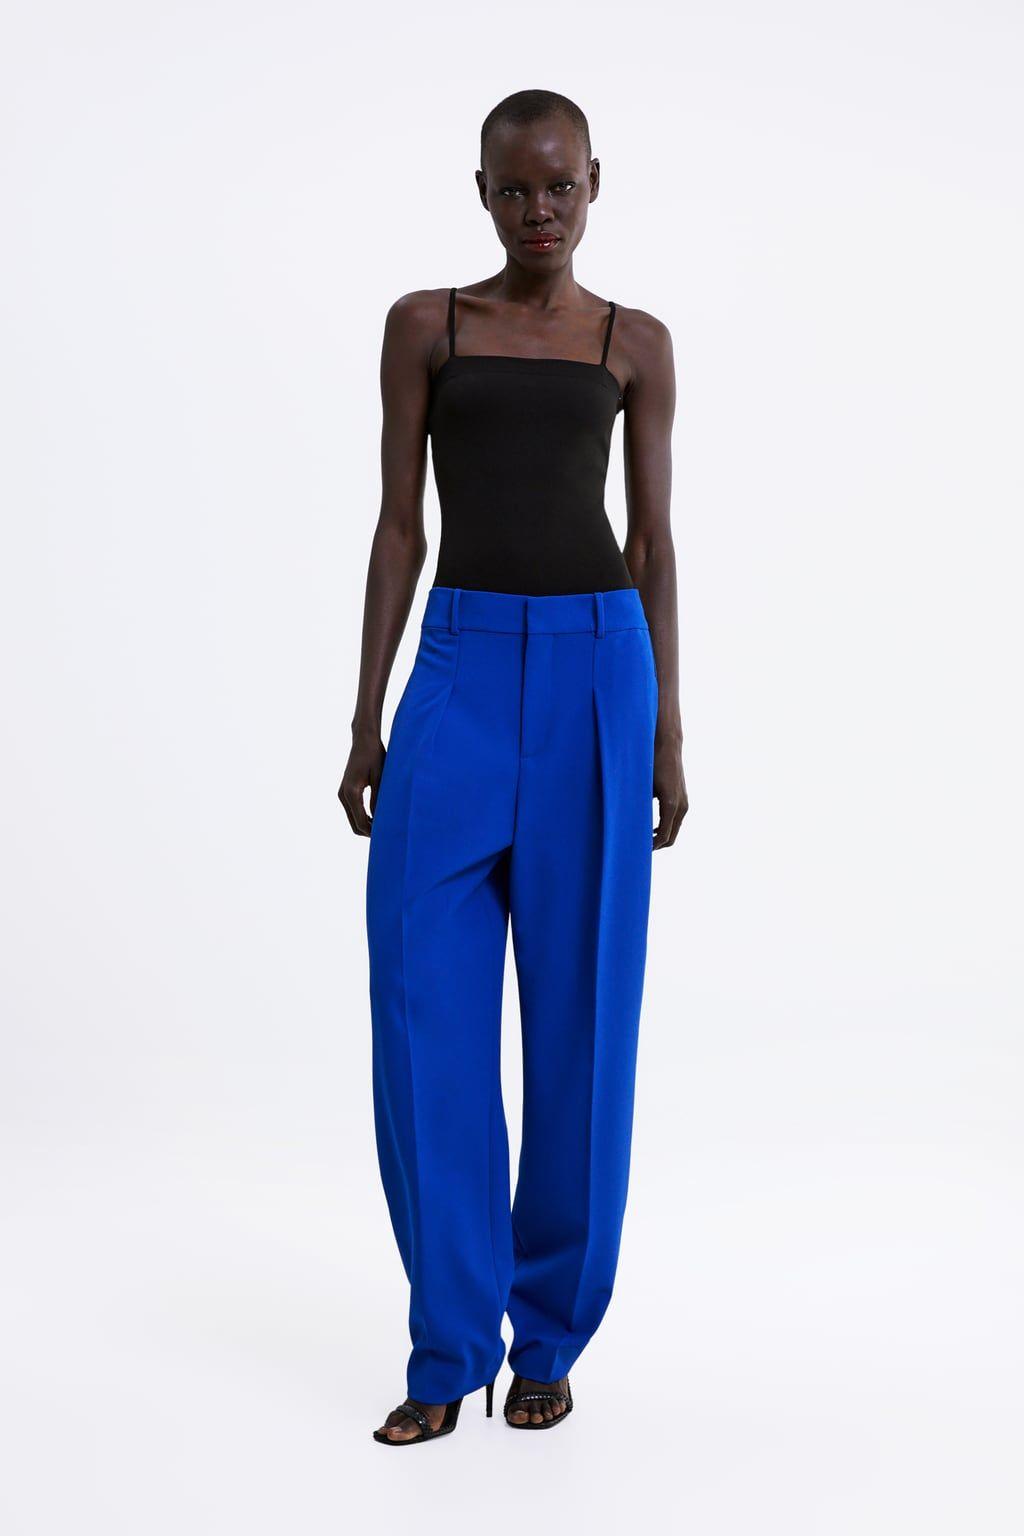 Nieuwe Collectie Kleding.Nieuwe Dameskleding Nieuwe Collectie Online Zara Nederland